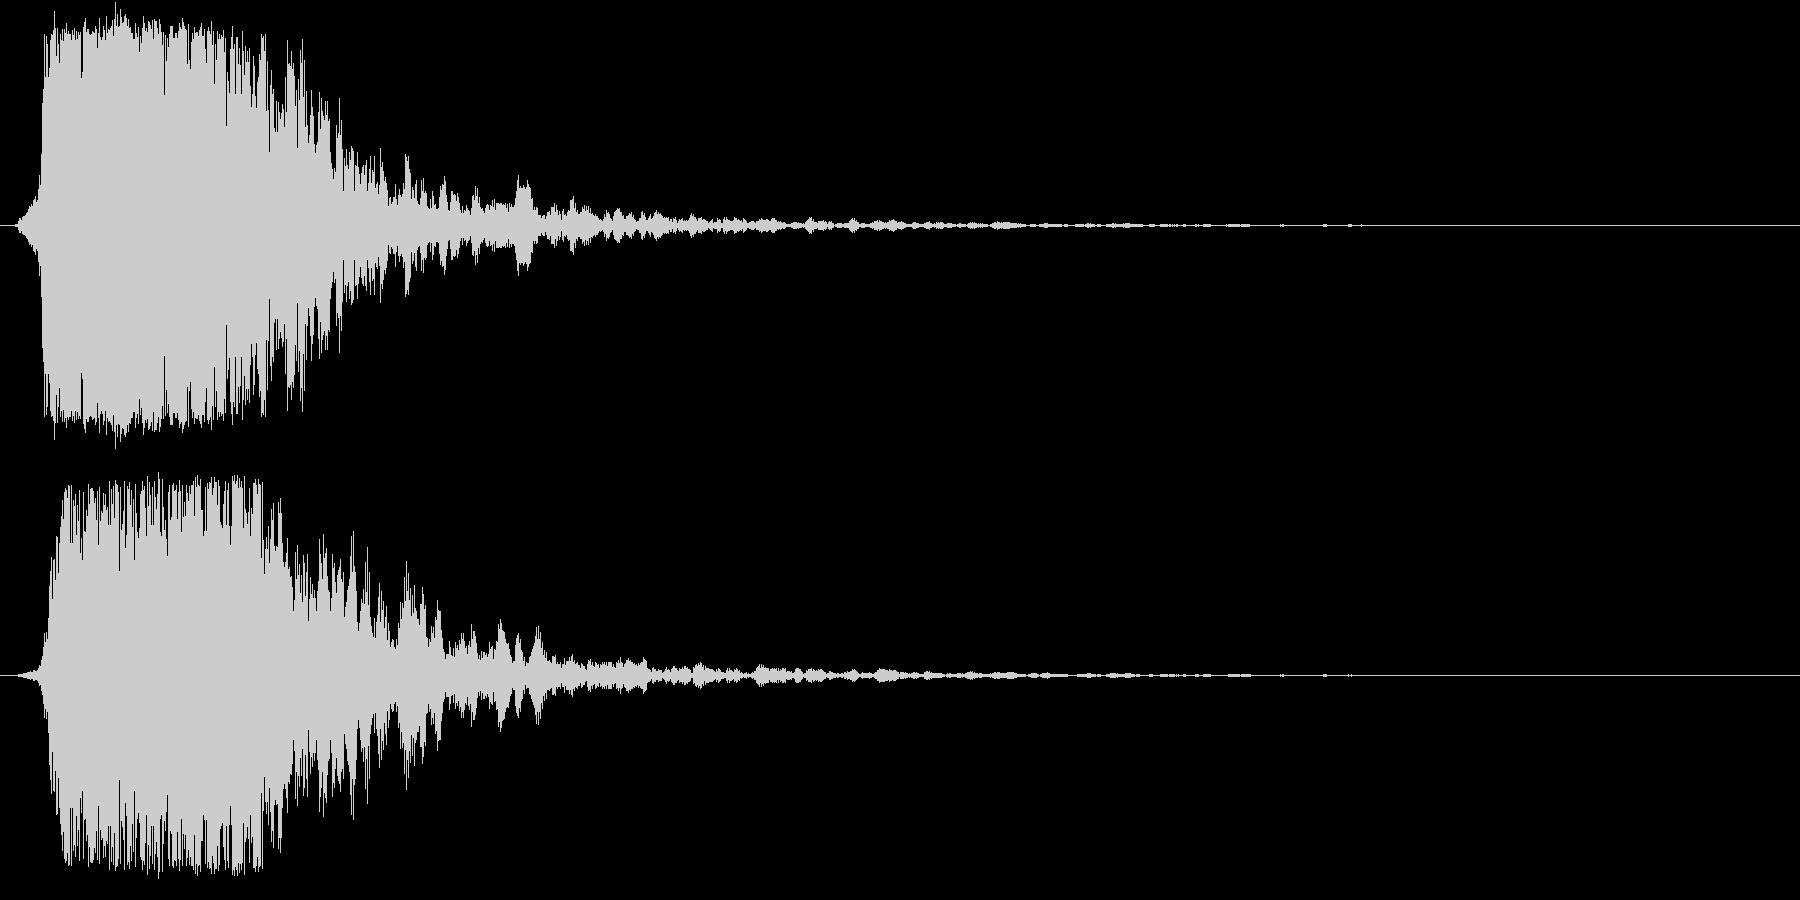 シャキーン!ド派手なインパクト効果音1Bの未再生の波形